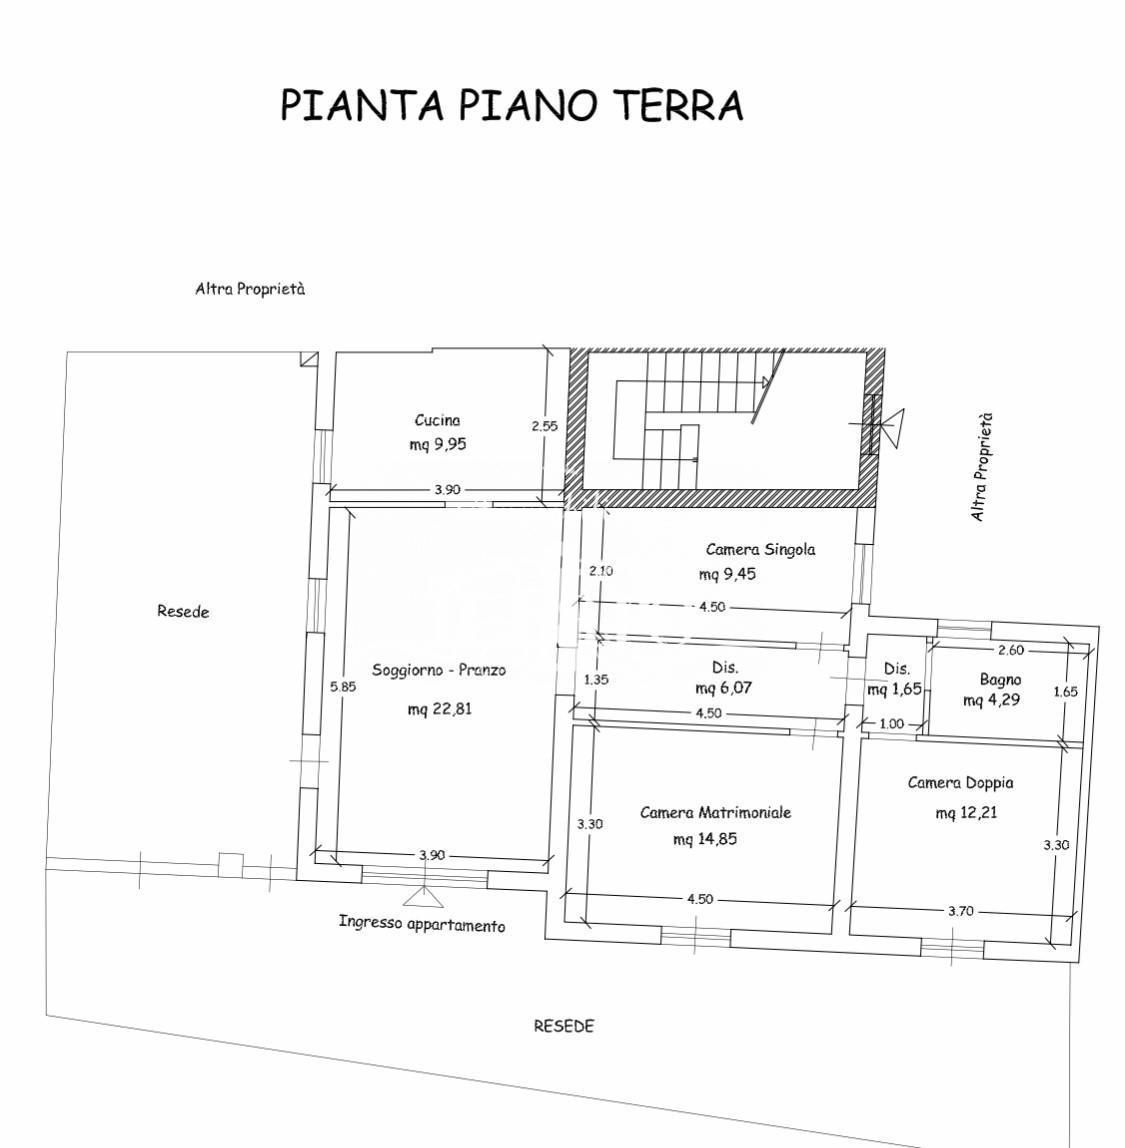 Casa semindipendente in vendita a Signa (FI)